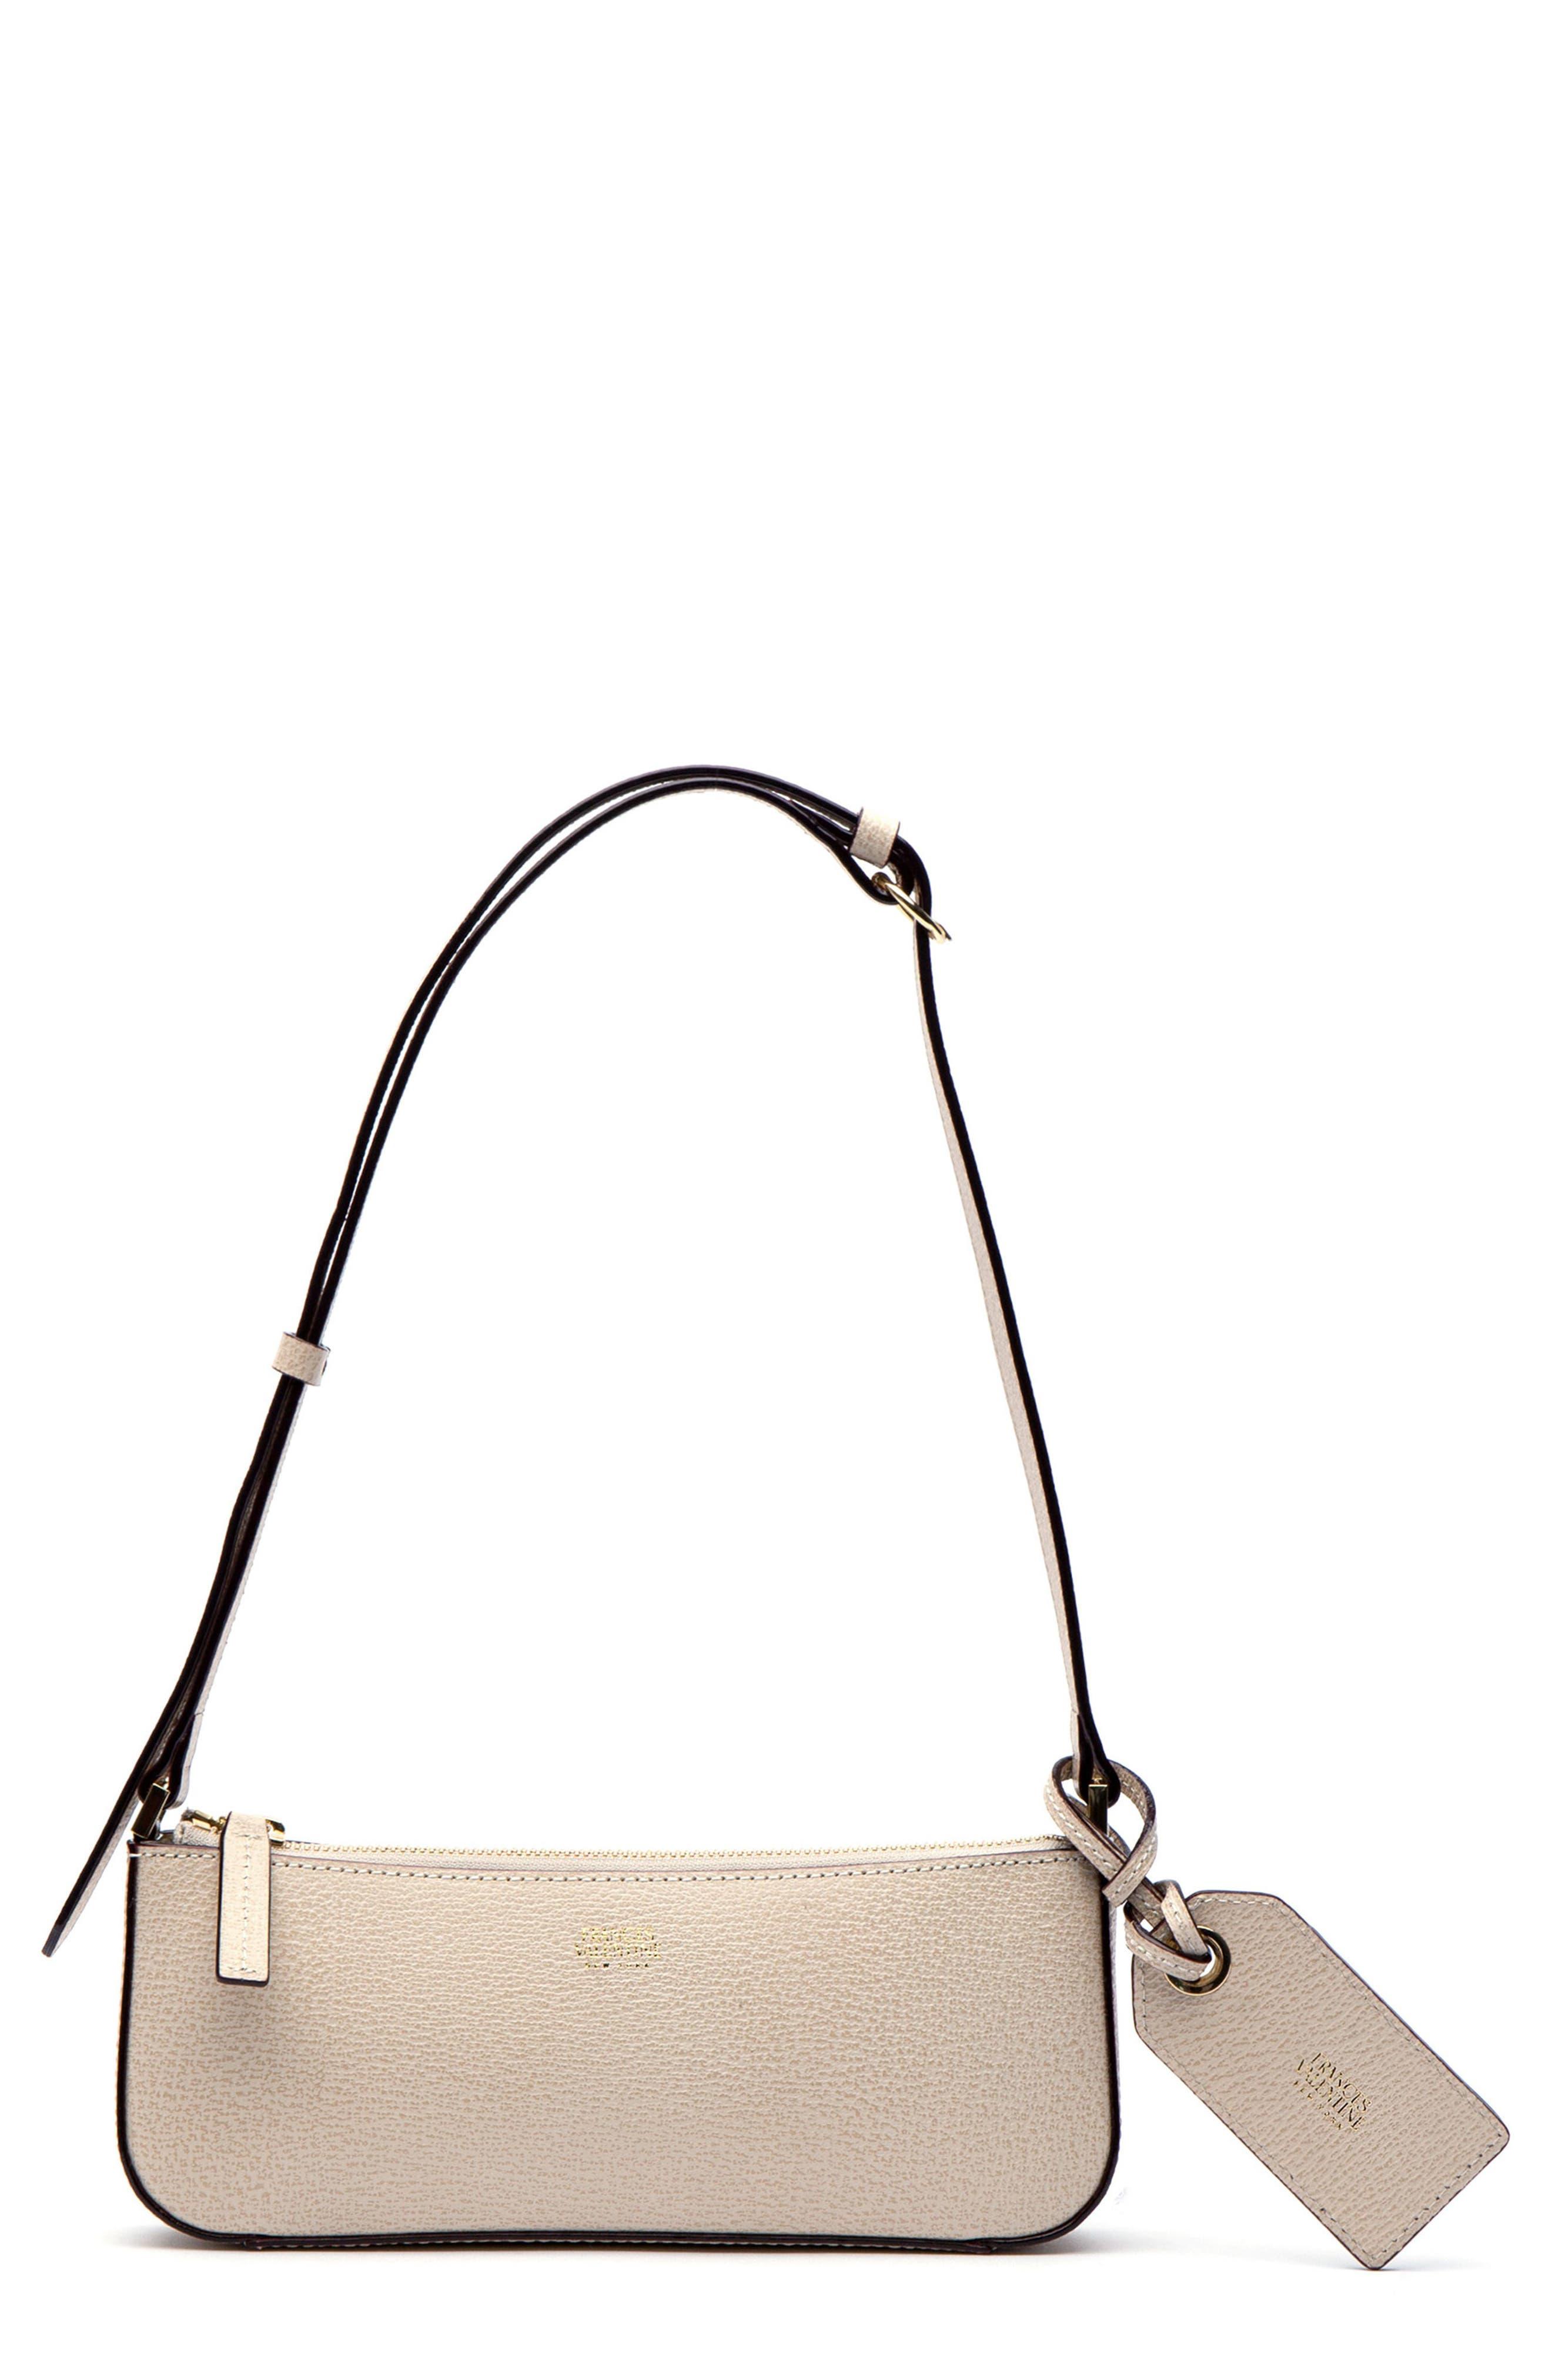 2eac8bf458b9a Frances Valentine Boarskin Leather Baguette Bag - Ivory